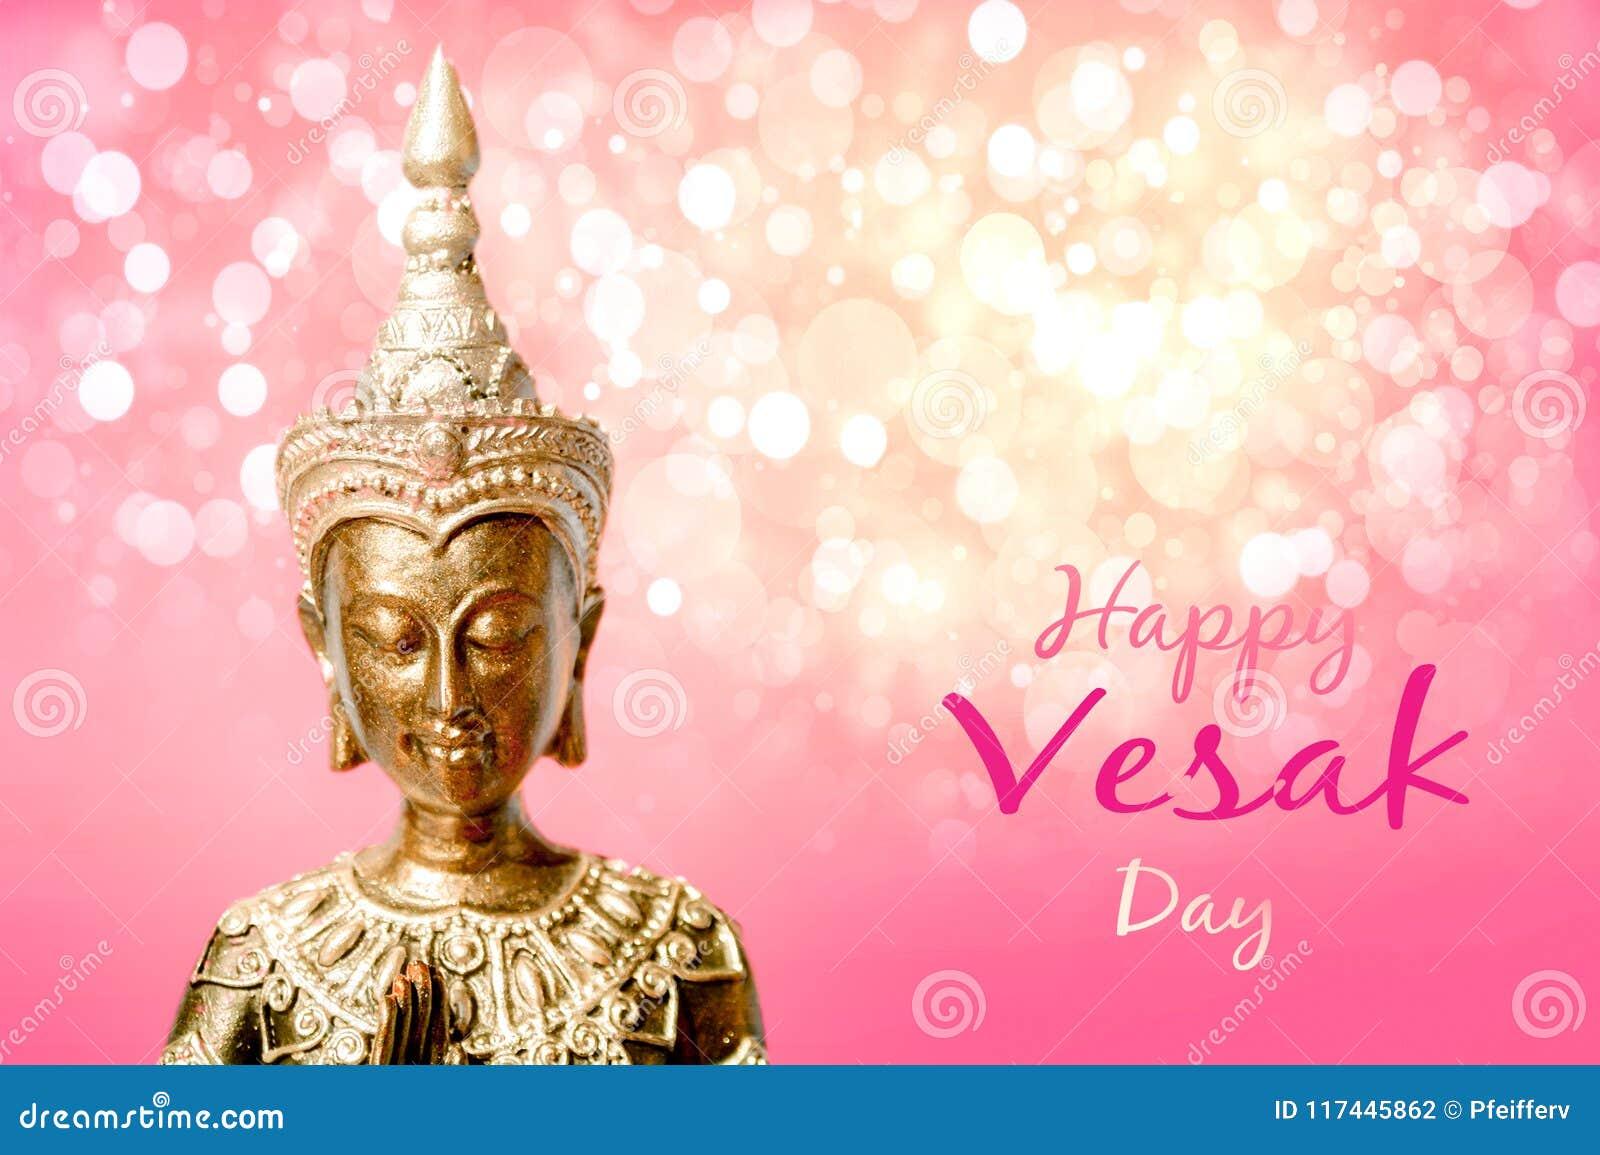 Buddha With Mandala Stock Illustration Illustration Of Glow 117445862